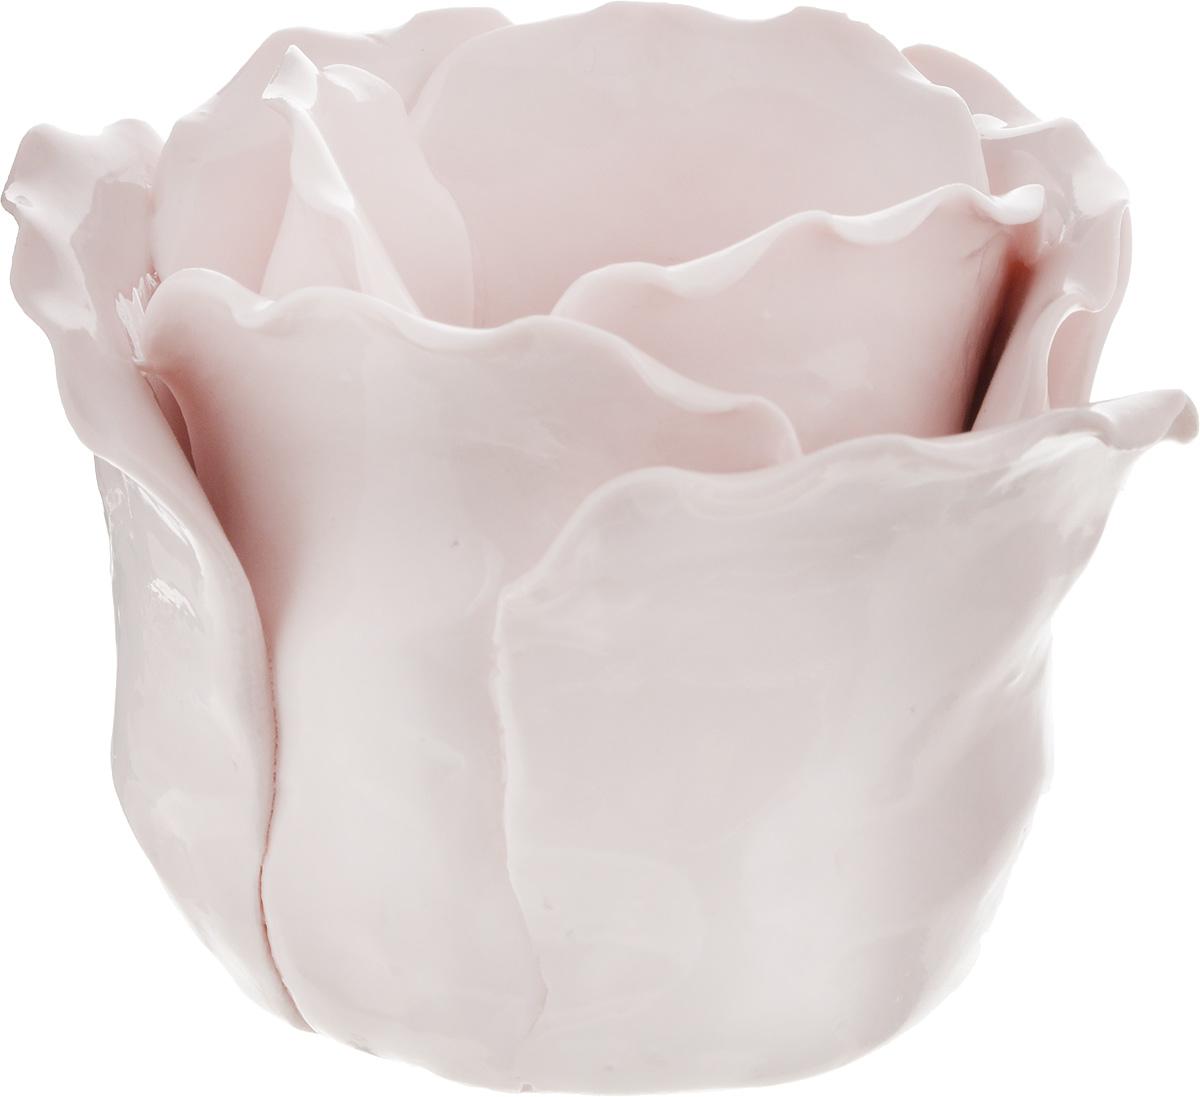 Подсвечник декоративный Феникс-Презент, цвет: розовый, 8,5 х 8,5 х 7,5 см43841Декоративный подсвечник Феникс-Презент изготовлен из фарфора. Подсвечник предназначен для одной свечи. Стильный и изысканный подсвечник позволит украсить интерьер дома или рабочего кабинета оригинальным образом. Вы можете поставить подсвечник в любом месте, где он будет удачно смотреться и радовать глаз. Кроме того - это отличный вариант подарка для ваших близких и друзей. Диаметр отверстия для свечи: 4,5 см.